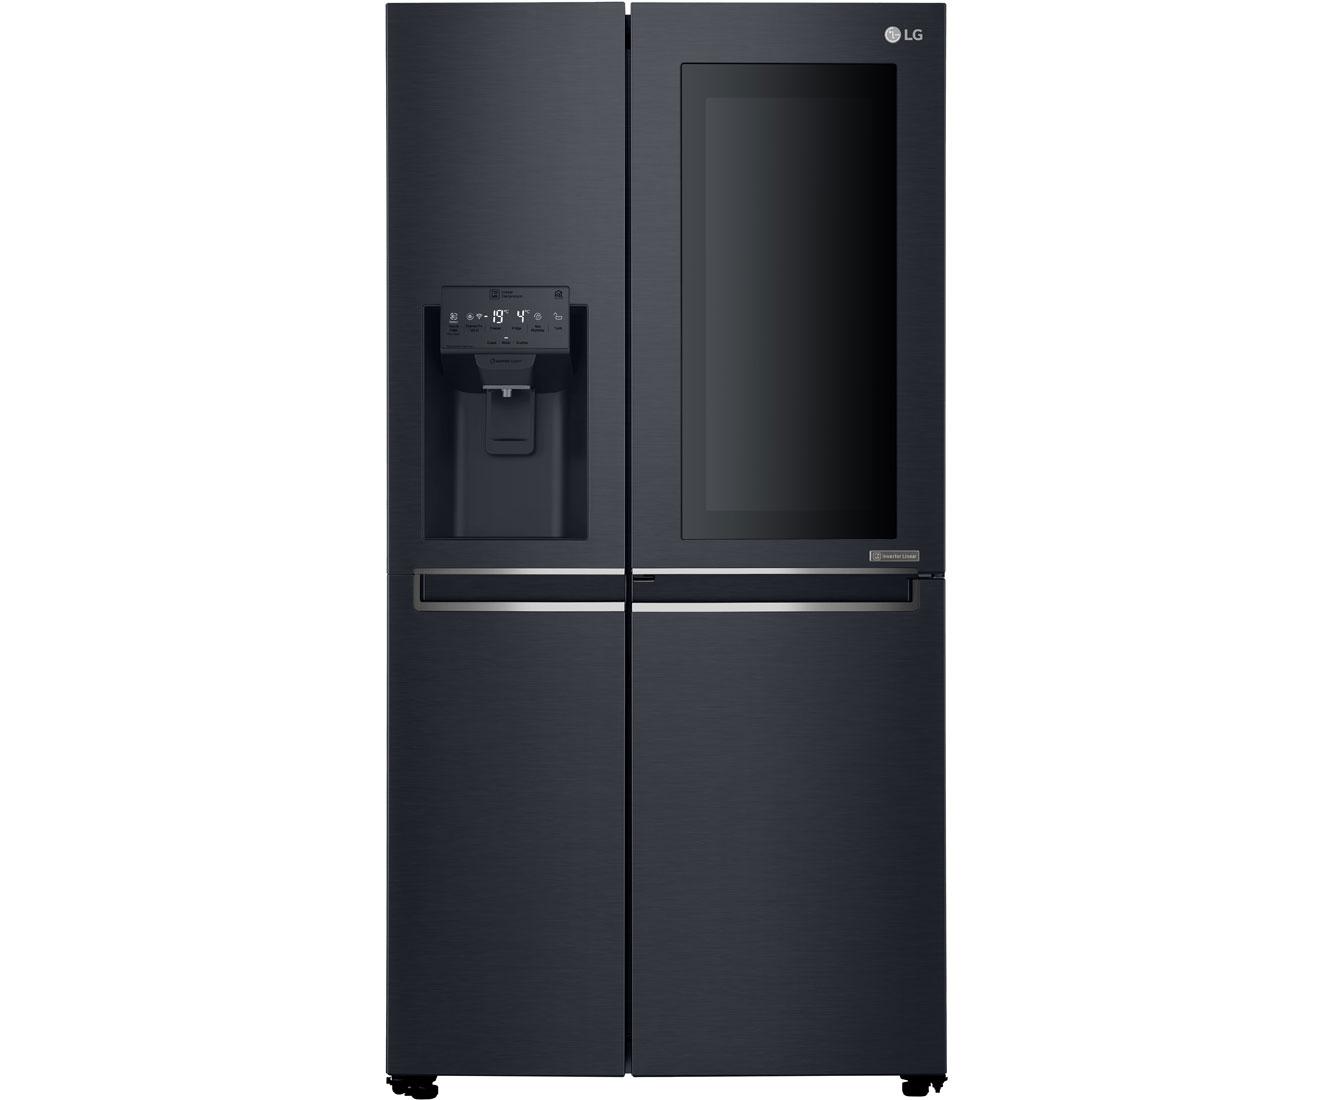 Amerikanischer Kühlschrank Expert : Side by side kühlschrank mit wassertank expert: siemens ka naw p